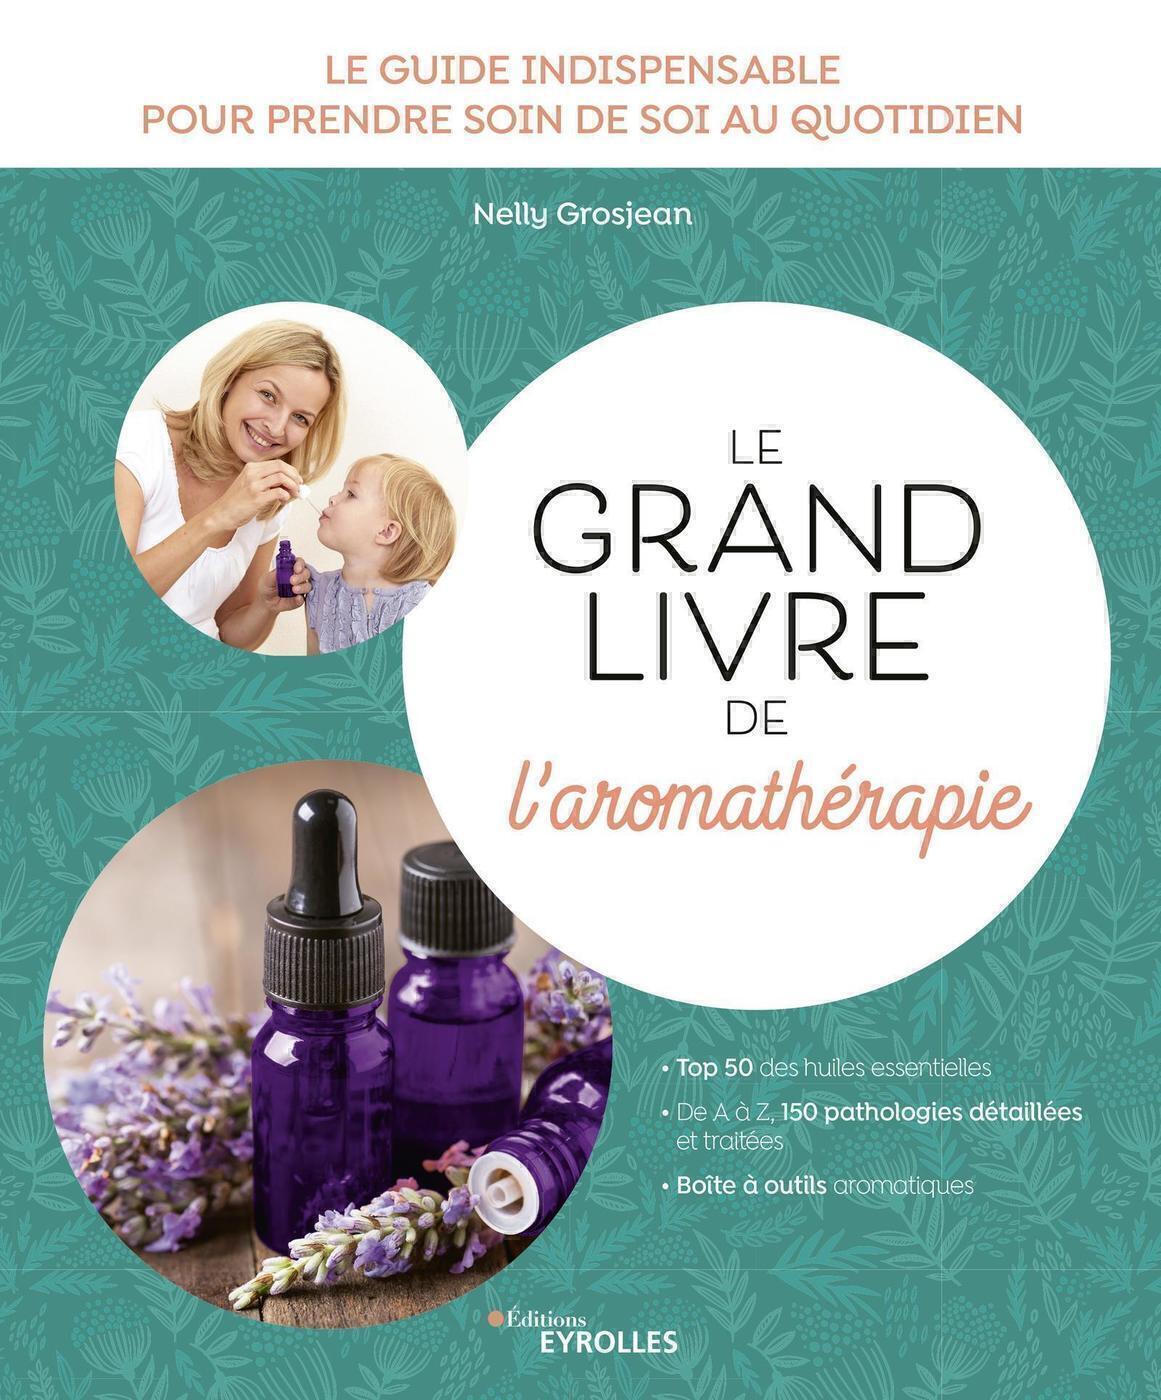 LE GRAND LIVRE DE L'AROMATHERAPIE - LE GUIDE INDISPENSABLE POUR PRENDRE SOIN DE SOI AU QUOTIDIEN. TO